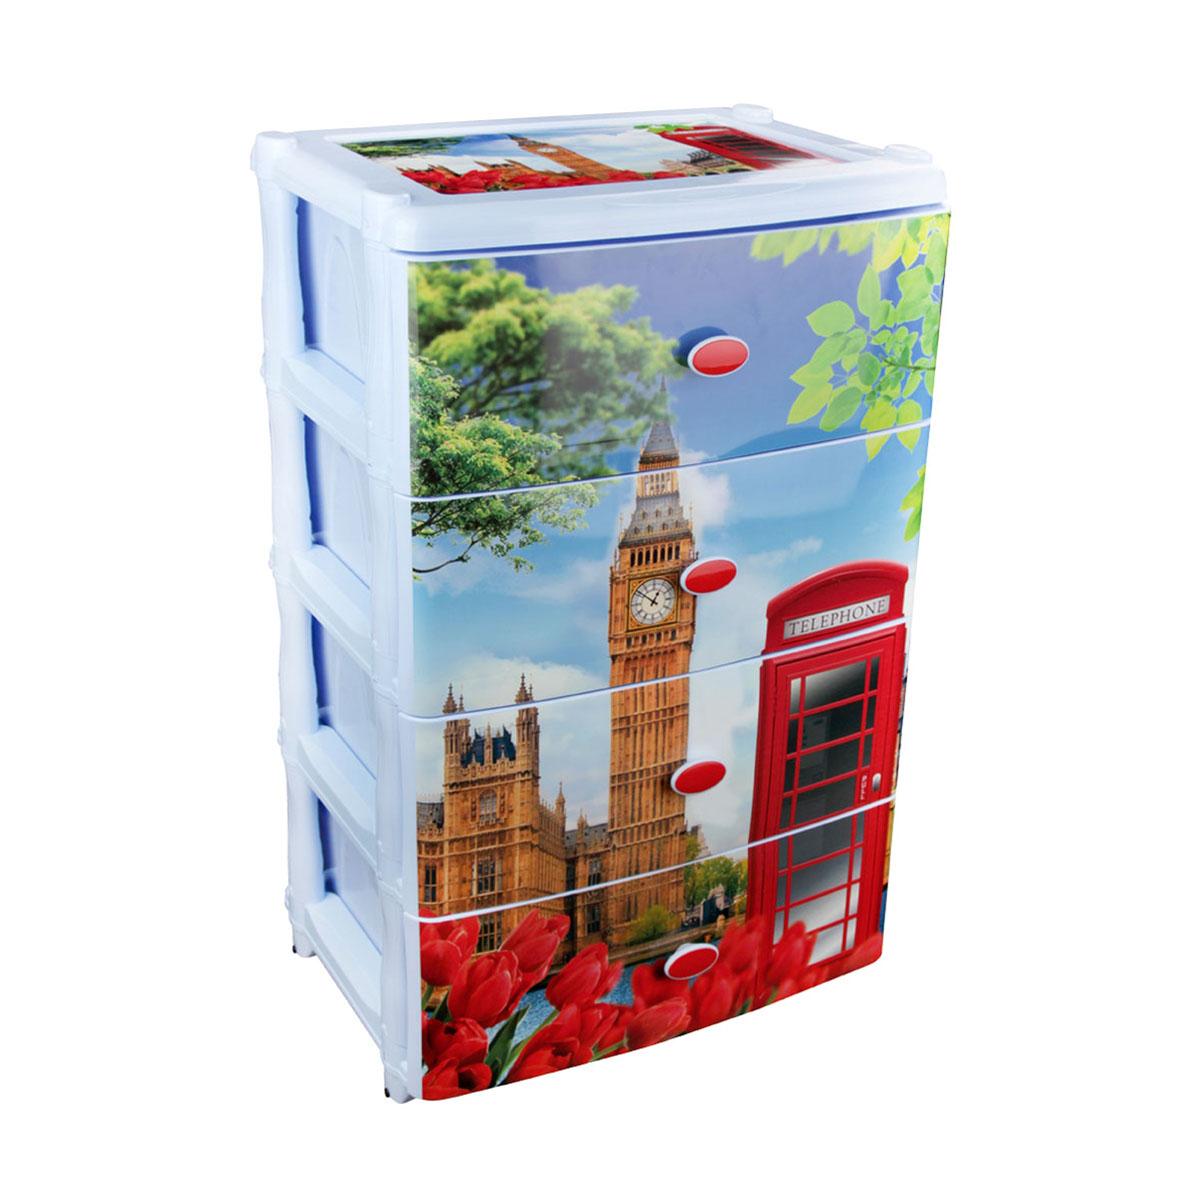 Комод широкий Альтернатива Лондон, 61 см х 41 см х 61 см599016Широкий комод Альтернатива Лондон изготовлен из высококачественного экологически безопасного полипропилена. Он предназначен для хранения вещей, детских игрушек, хозяйственных принадлежностей и прочих предметов. Комод состоит из четырех вместительных выдвижных ящиков с ручками и оснащен четырьмя ножками. Комод Альтернатива Лондон надежно защитит ваши вещи от загрязнений, пыли и моли, а также позволит вам хранить их компактно и с удобством. Размер ящика: 37 см х 30 см х 17 см.